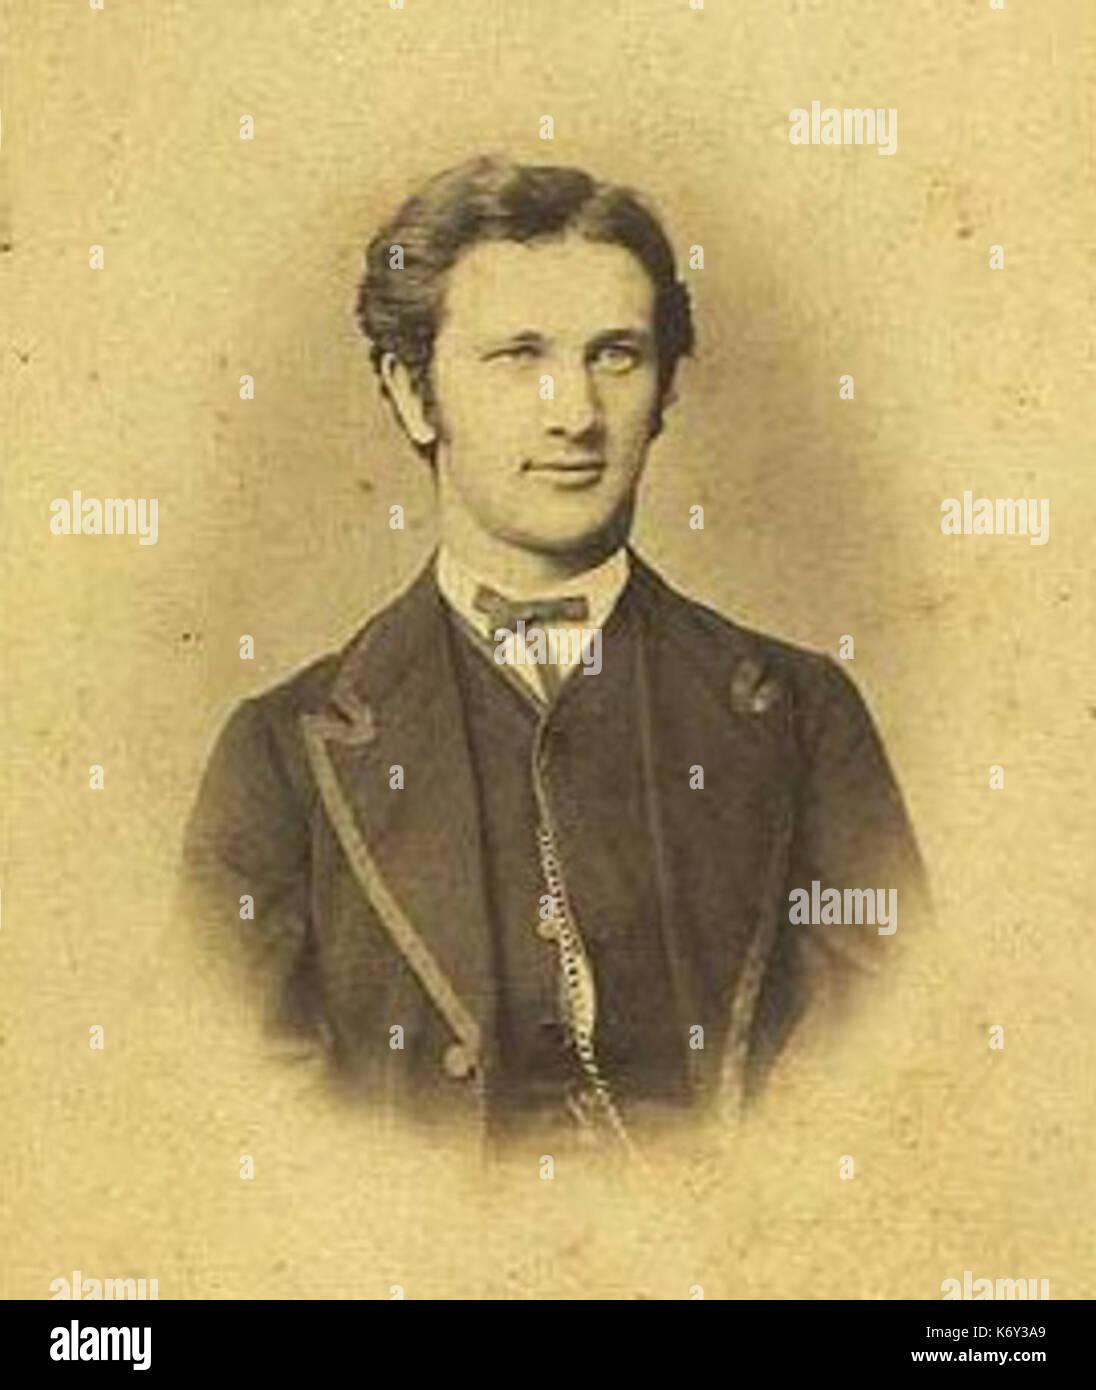 Emil Vett by J.F. Dresler - Stock Image